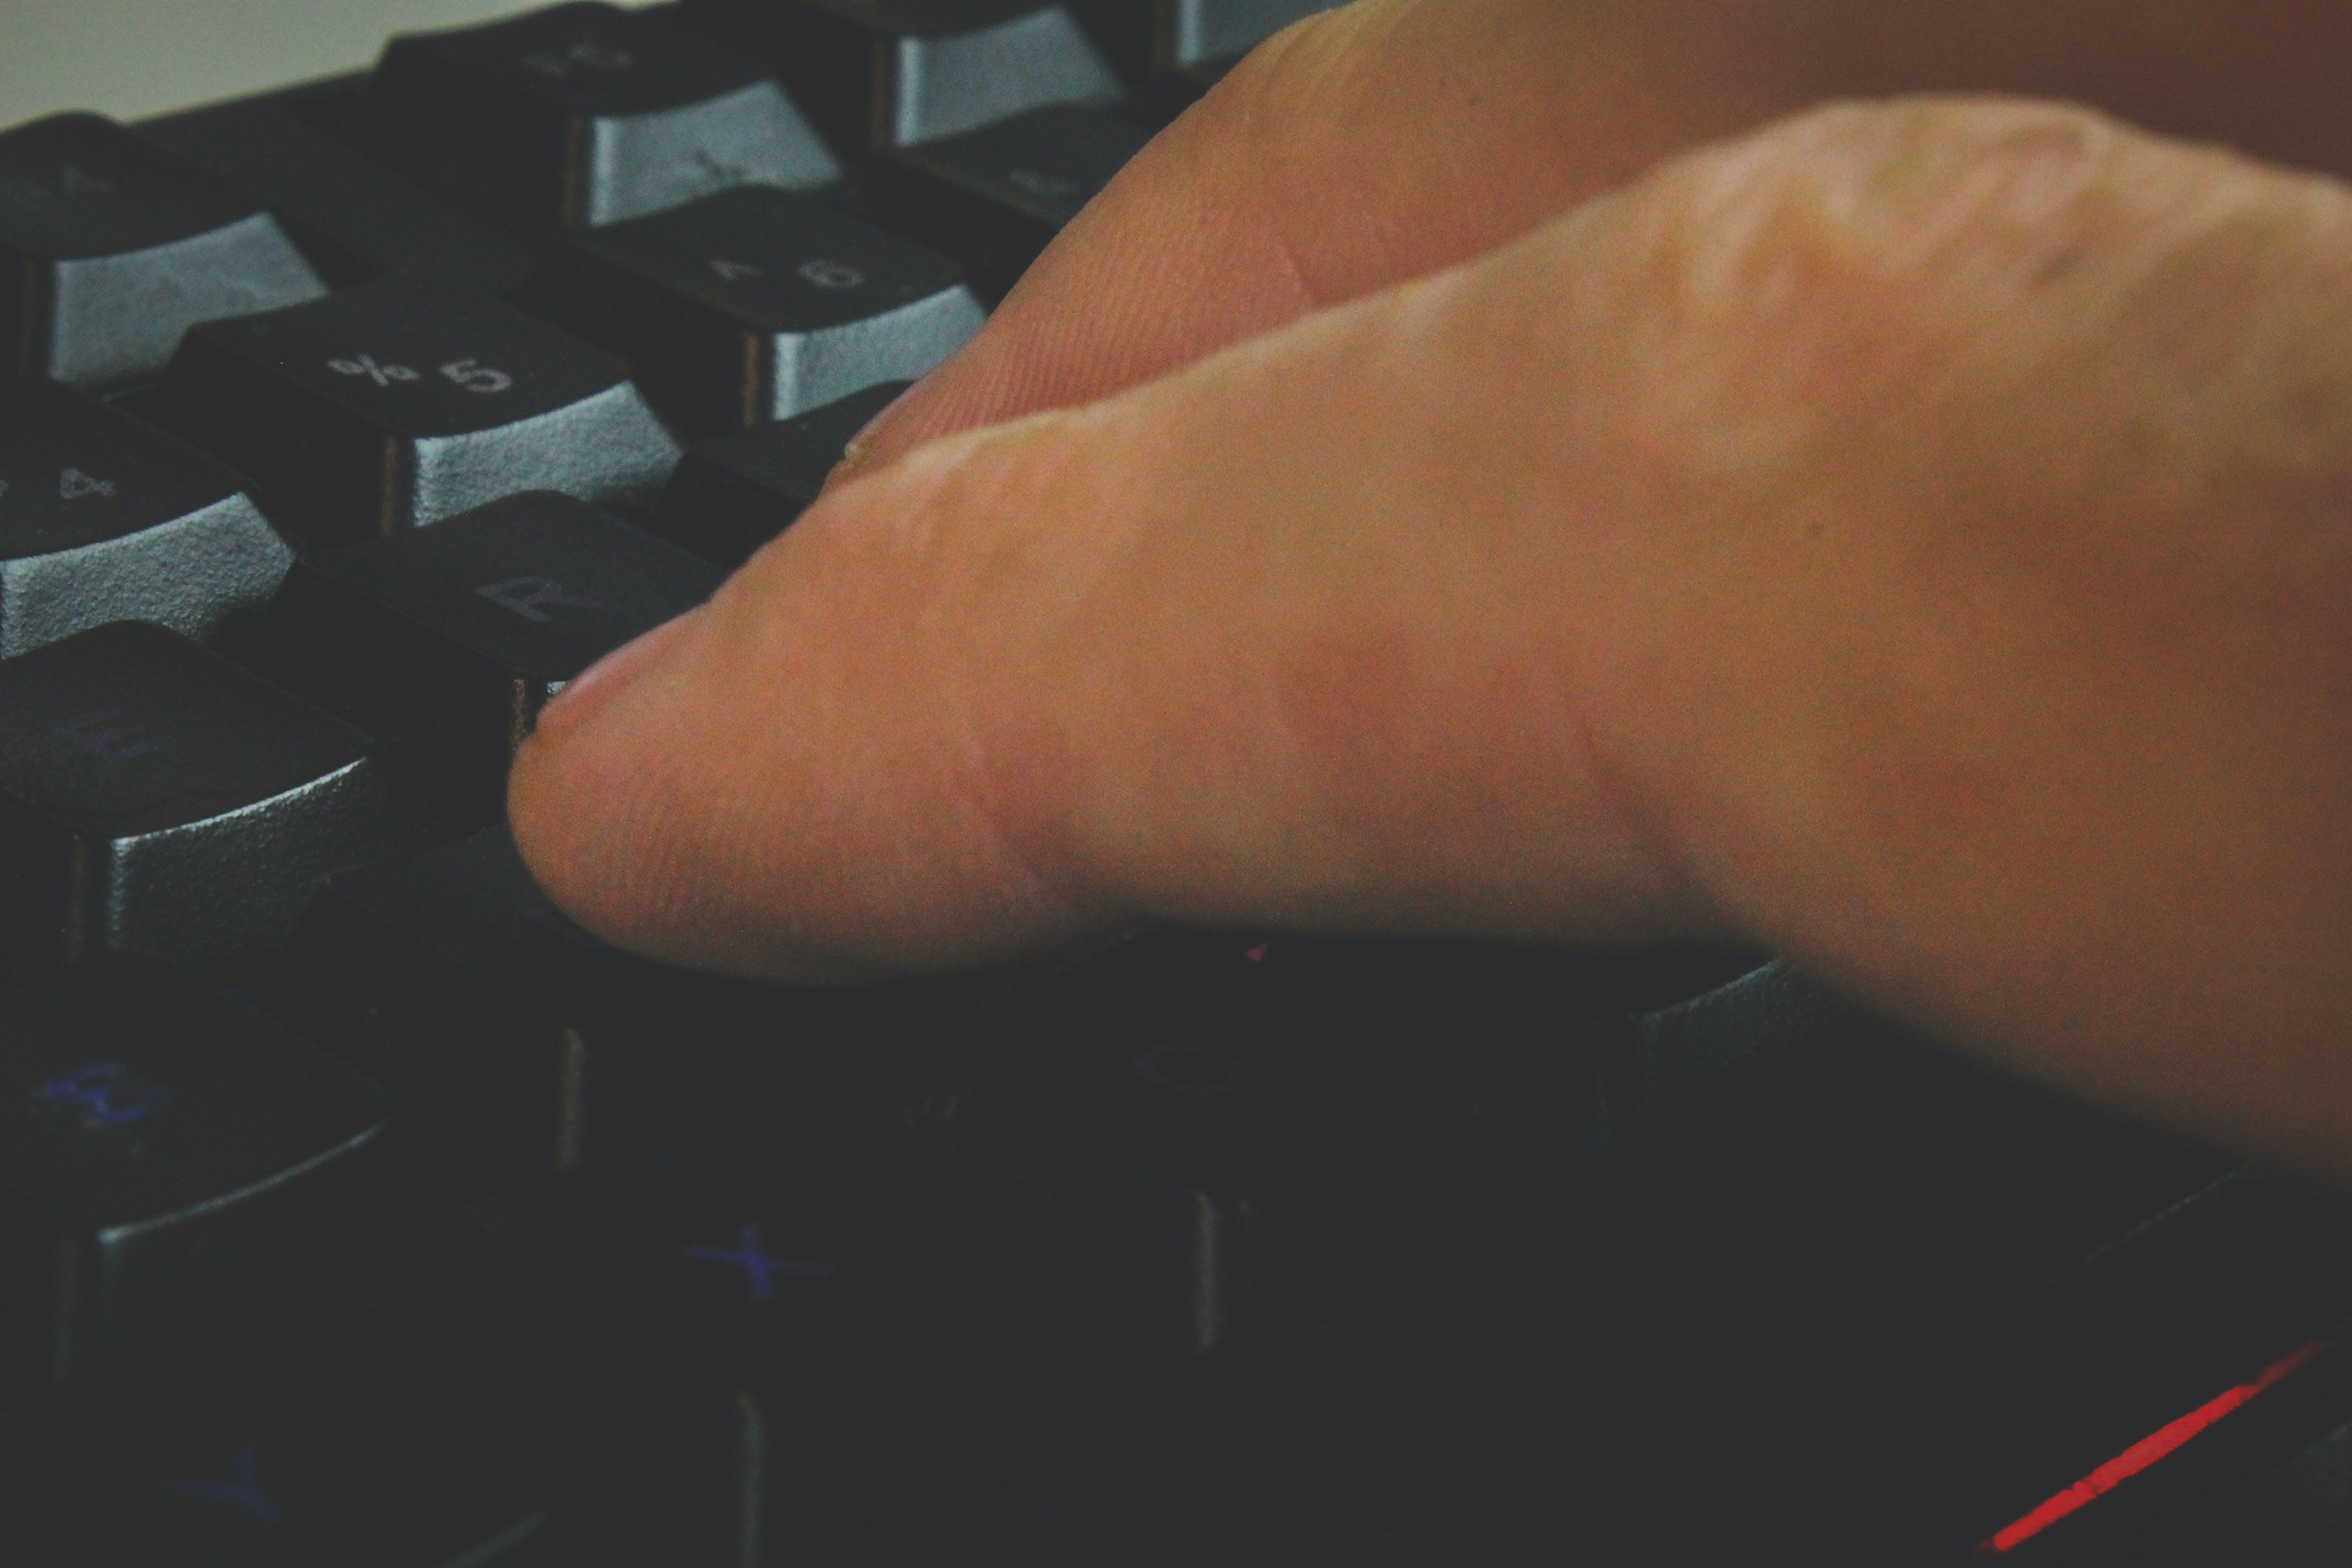 arbeiten, computer tastatur, hand